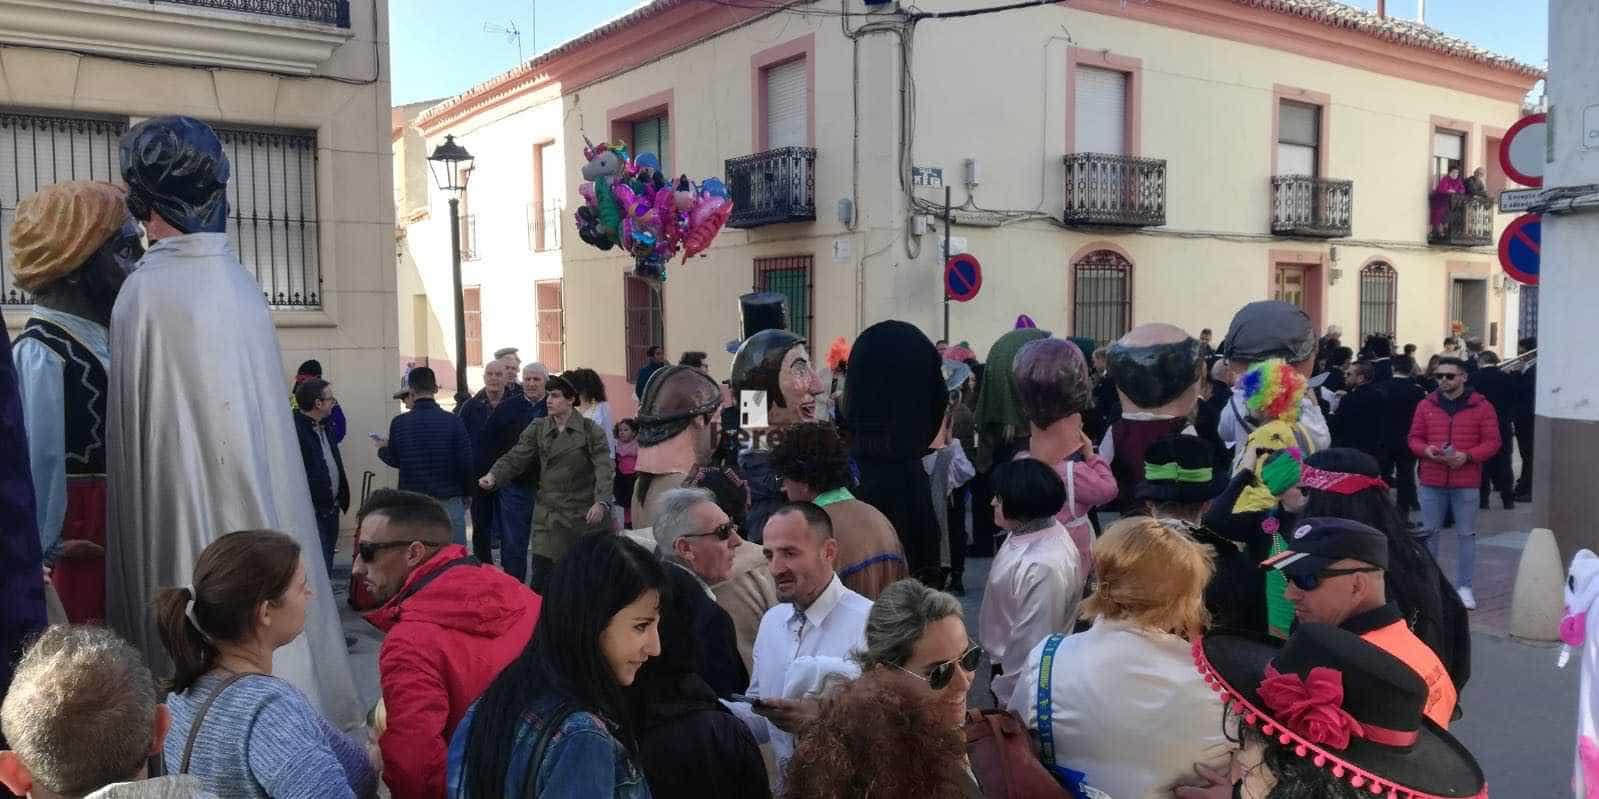 Carnaval herencia 2020 pasacalles domingo deseosas 25 - El Domingo de las Deseosas invita a todo el mundo al Carnaval de Herencia